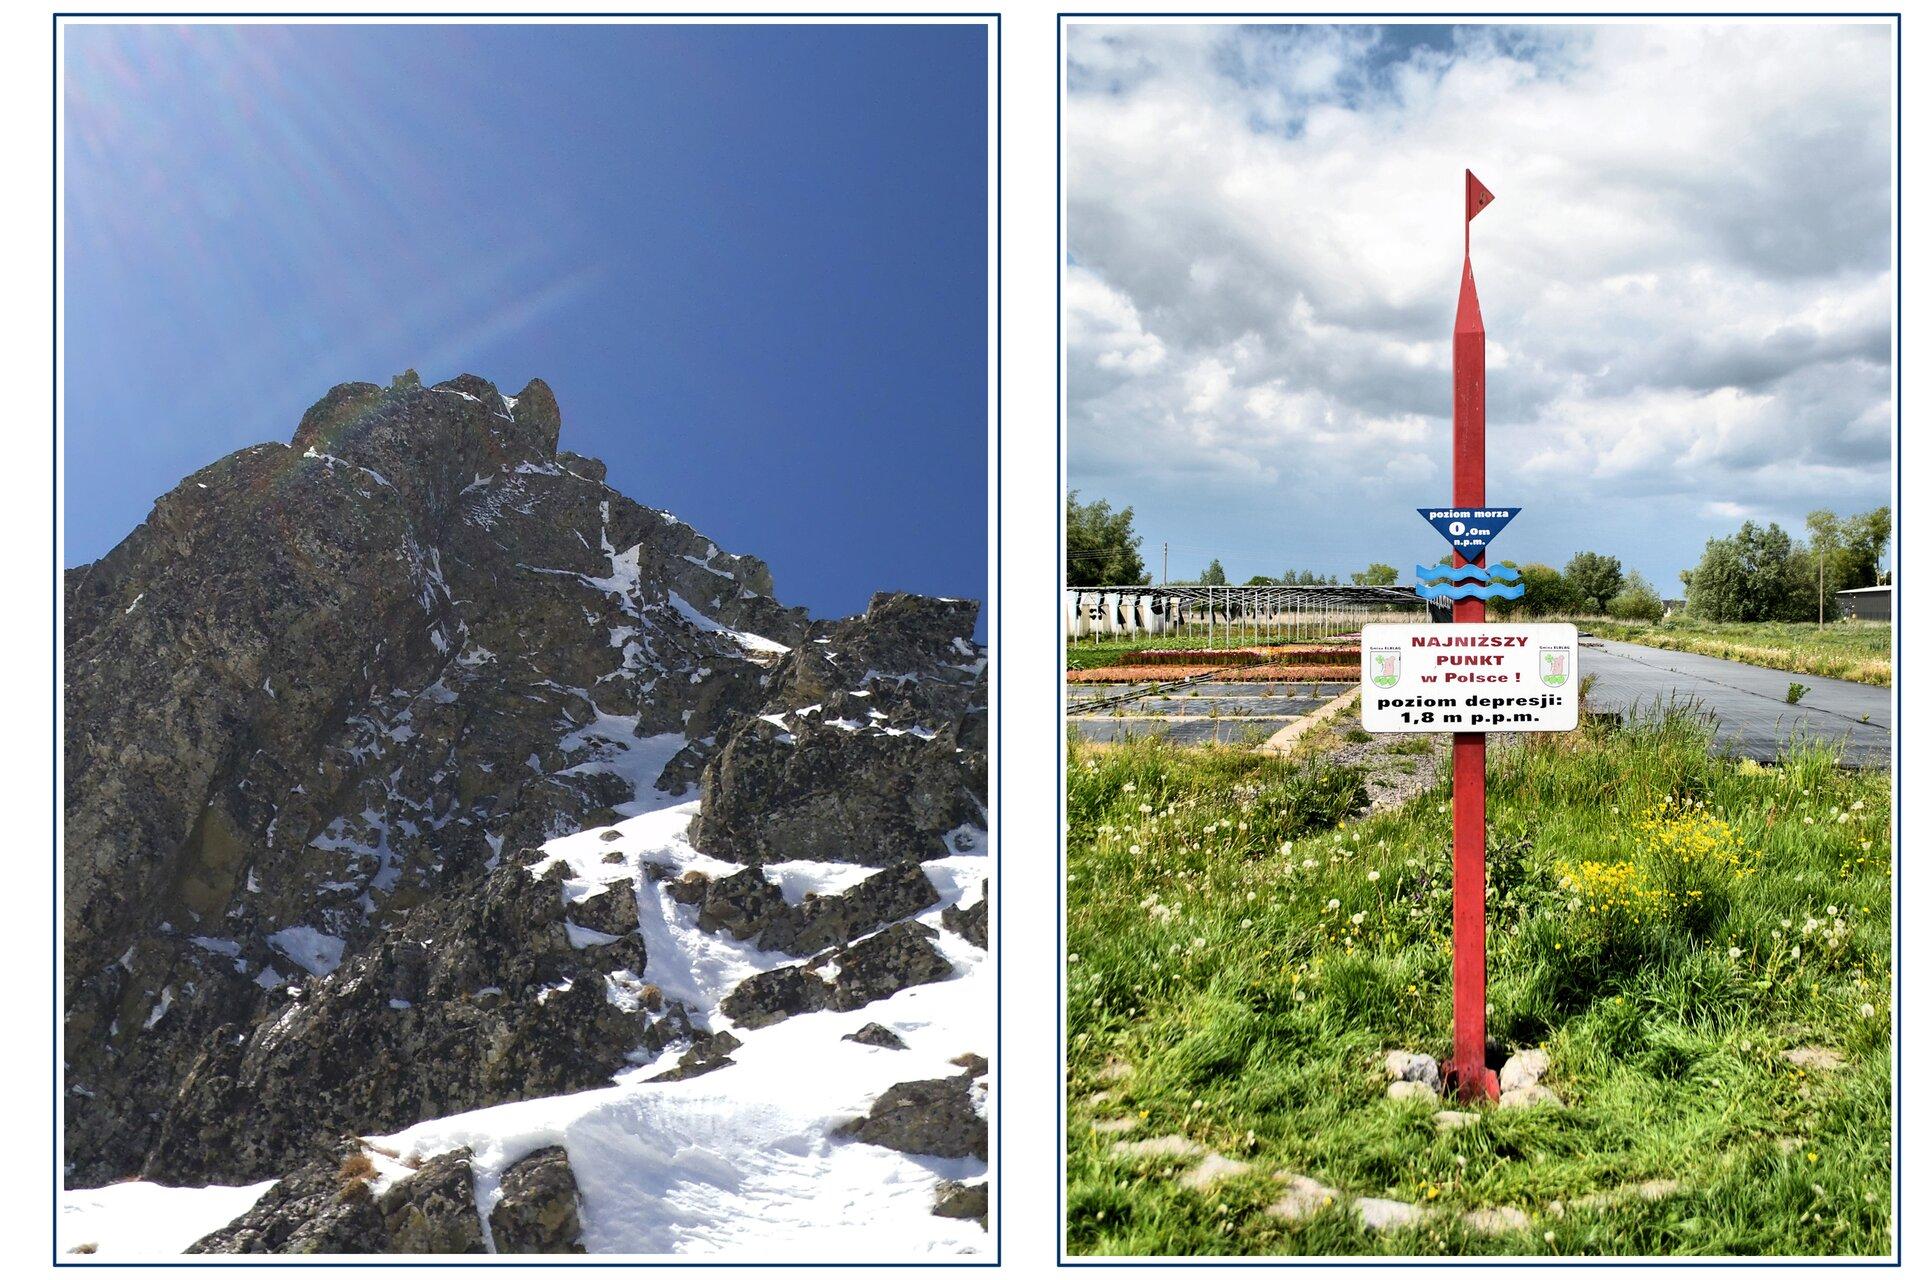 Zdjęcia szczytu Rysy wTatrach isłupa geodezyjnego wmiejscowości Raczki Elbląskie.